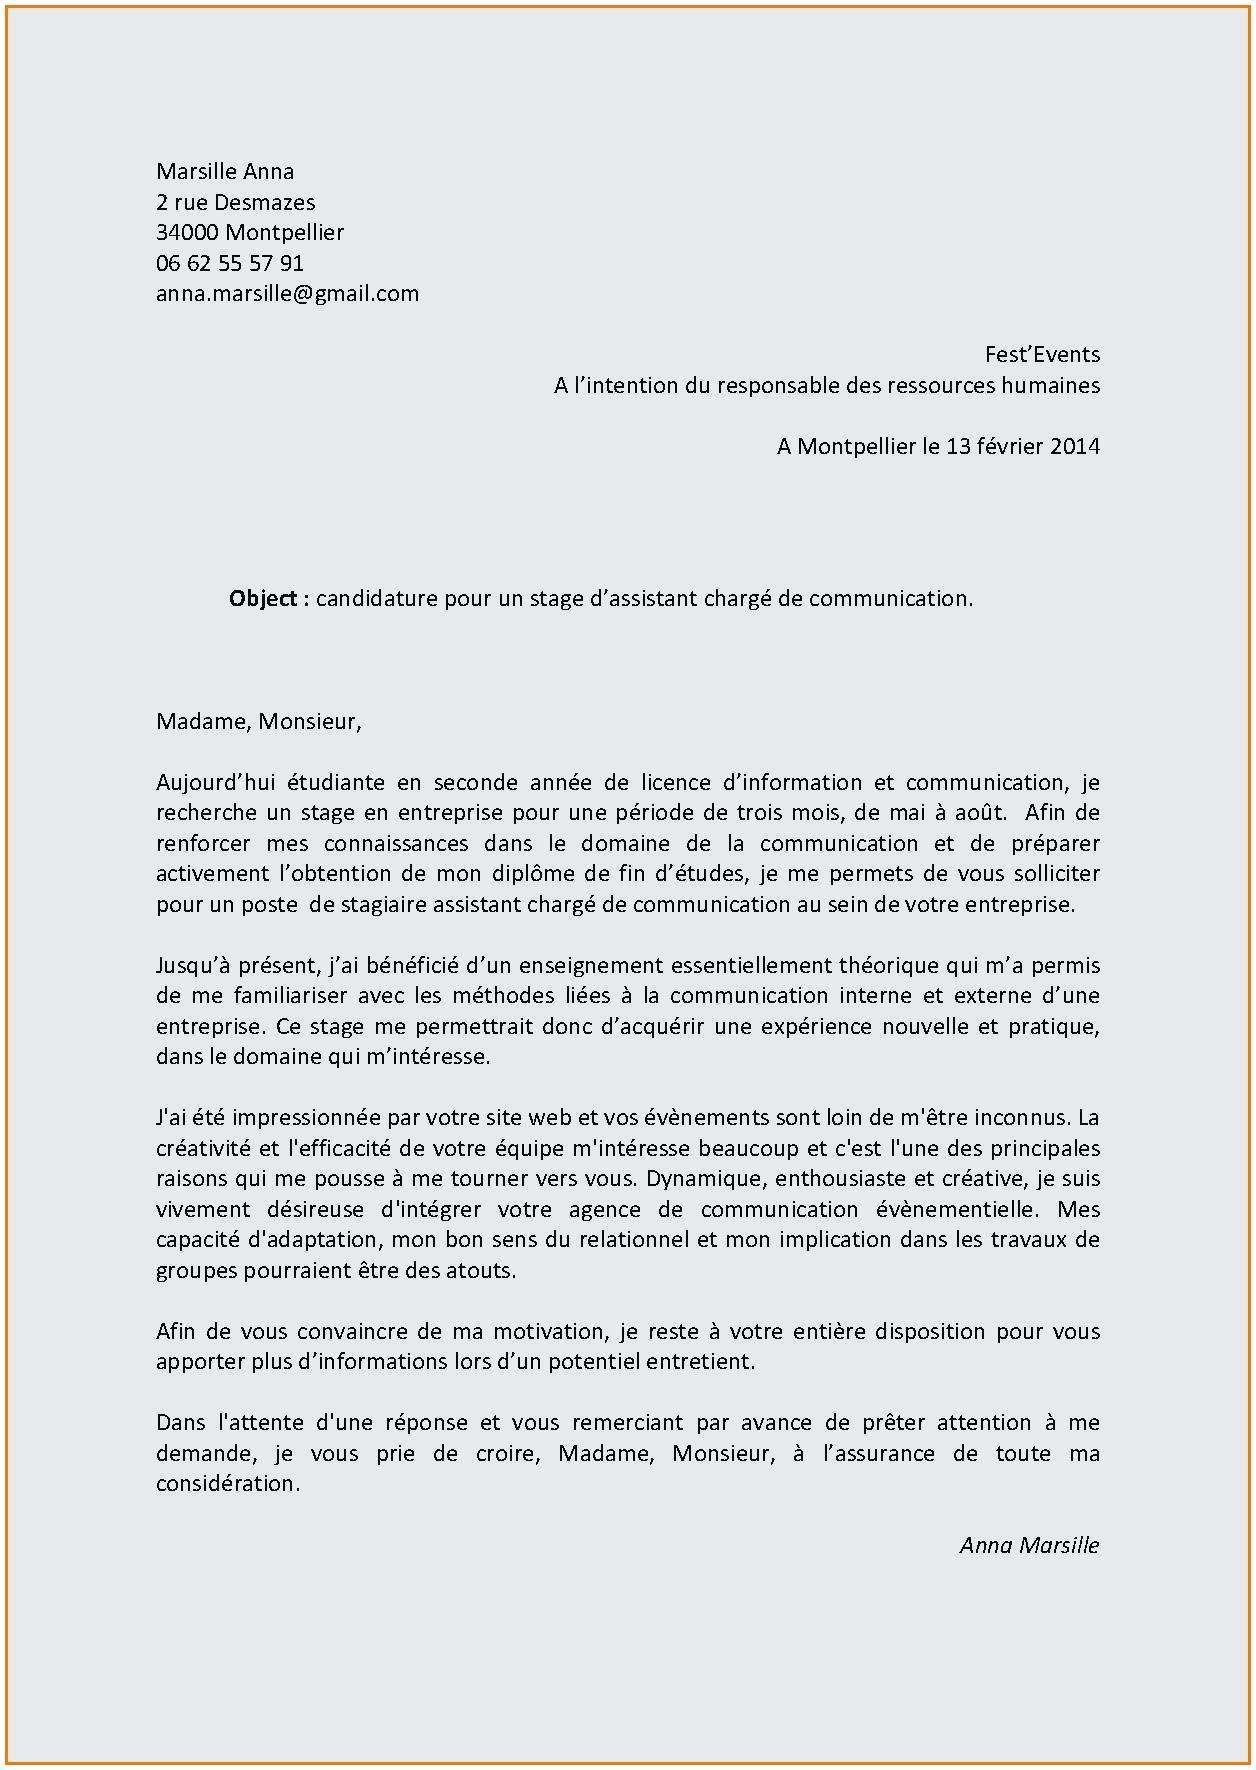 lettre de motivation stage assistant ressources humaines